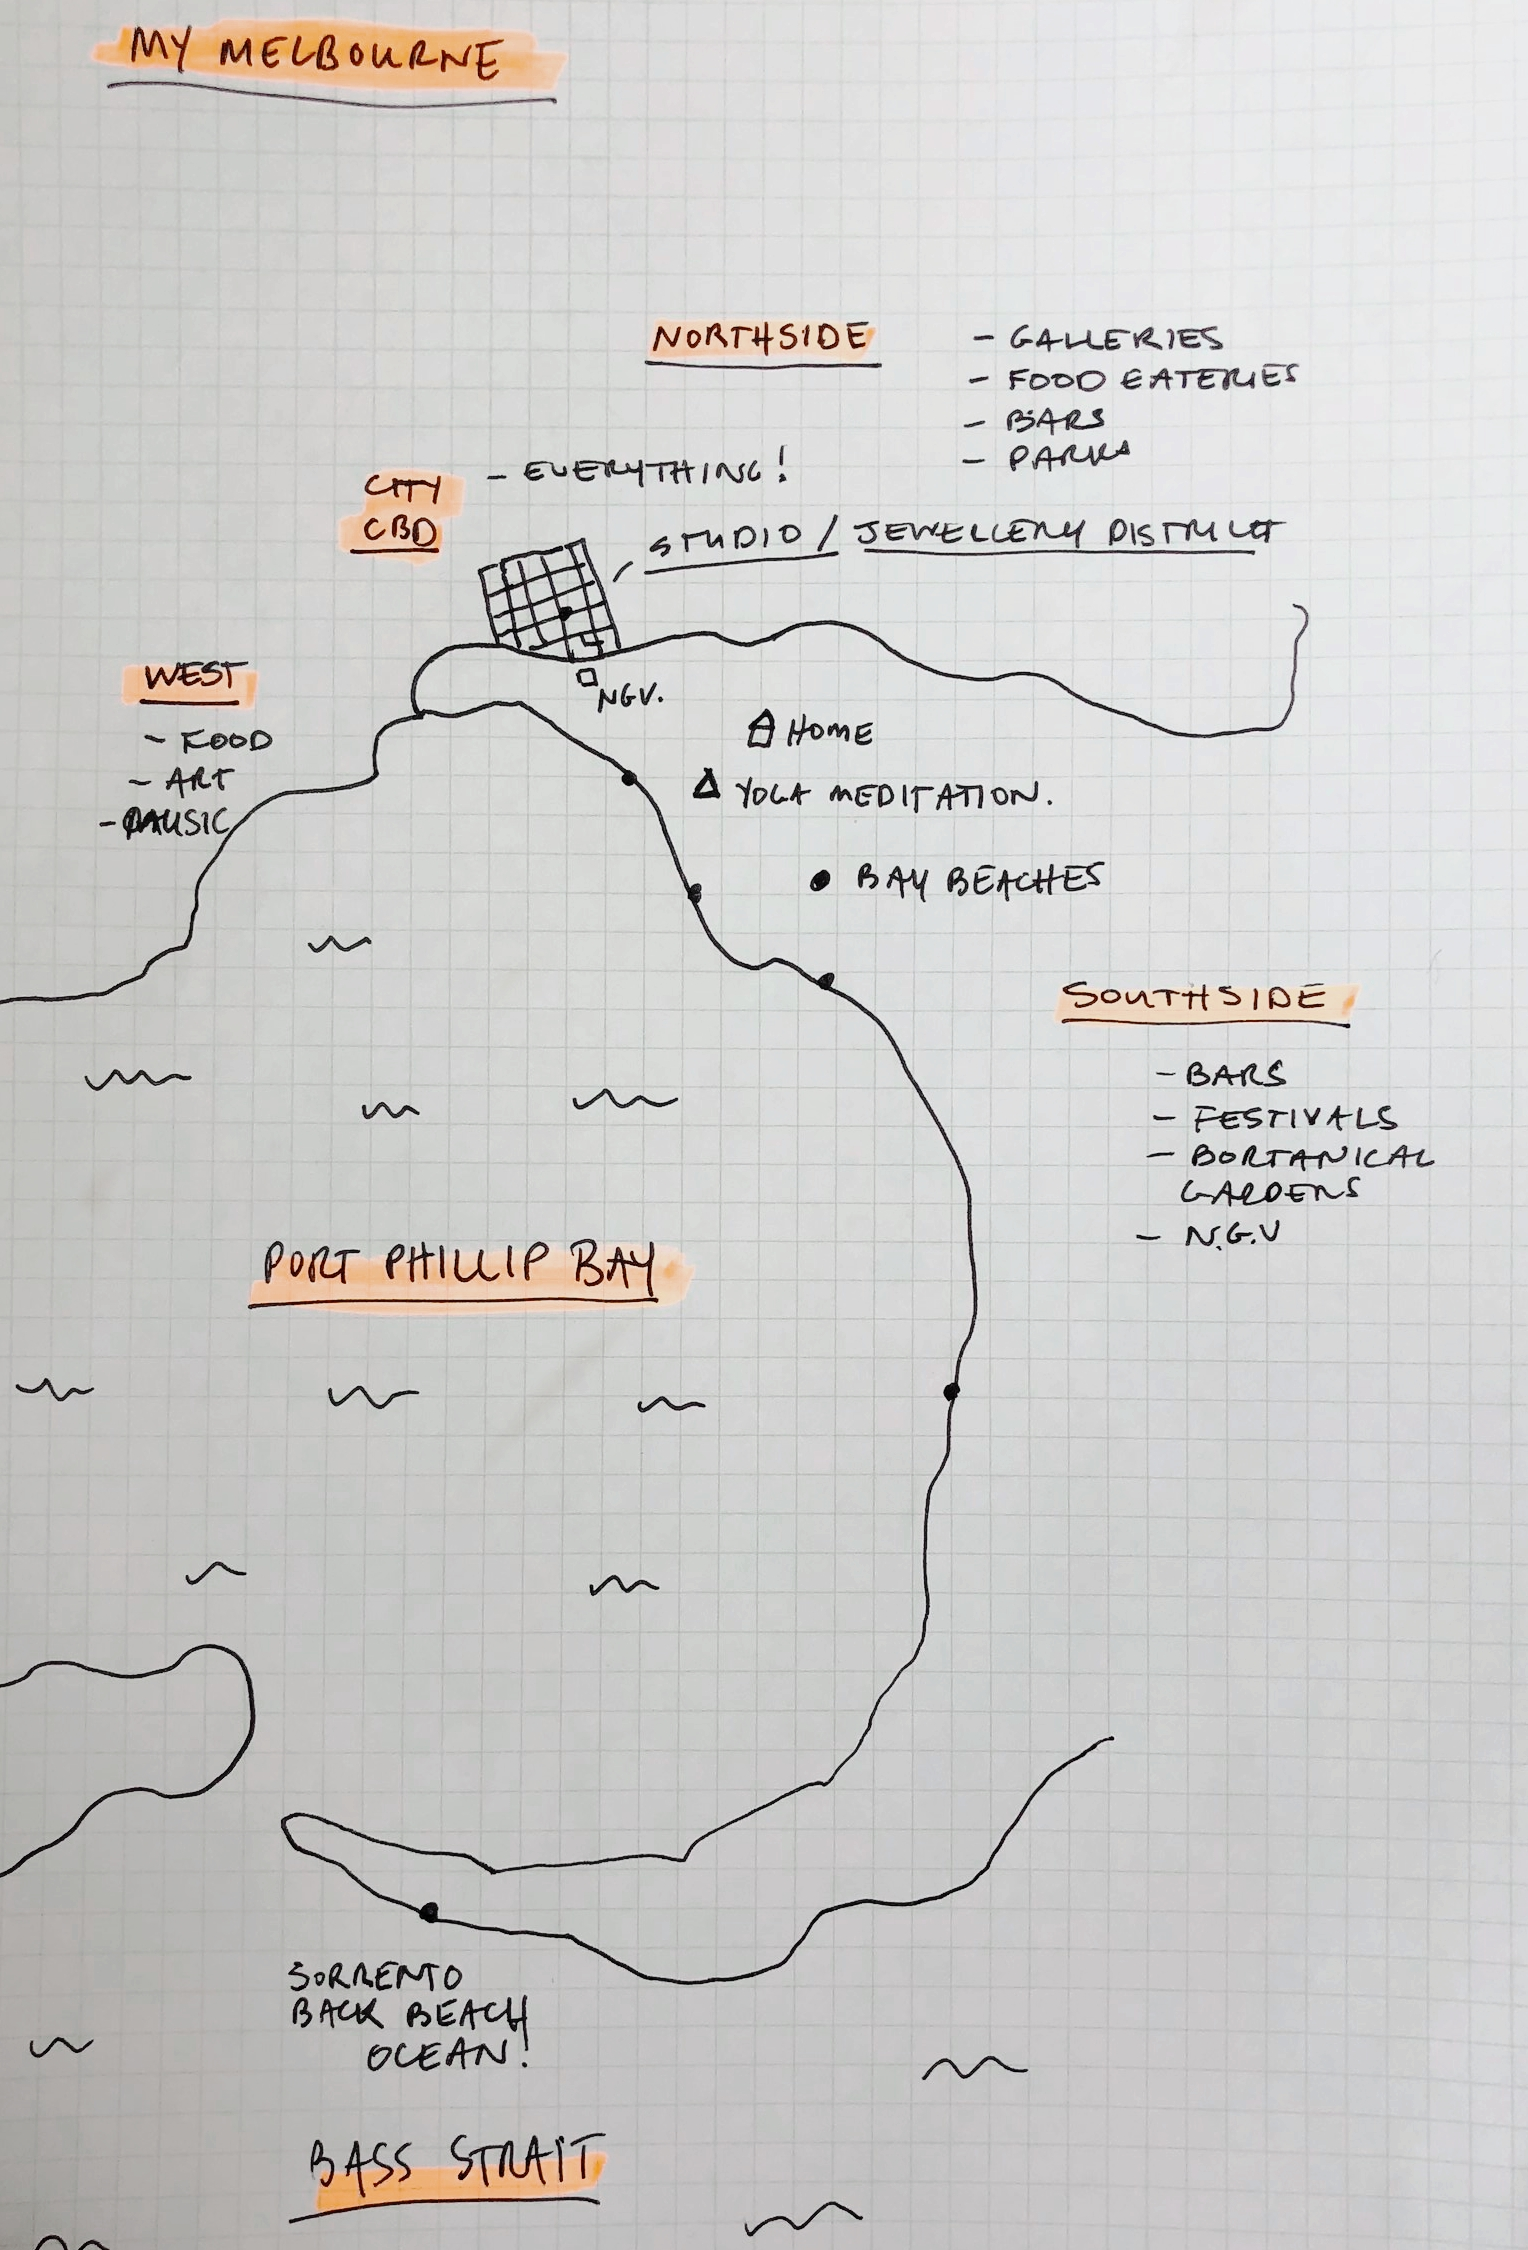 Şehrinizin haritasını yaşam ve iş döngünüzü gösterecek şekilde görselleştirin.